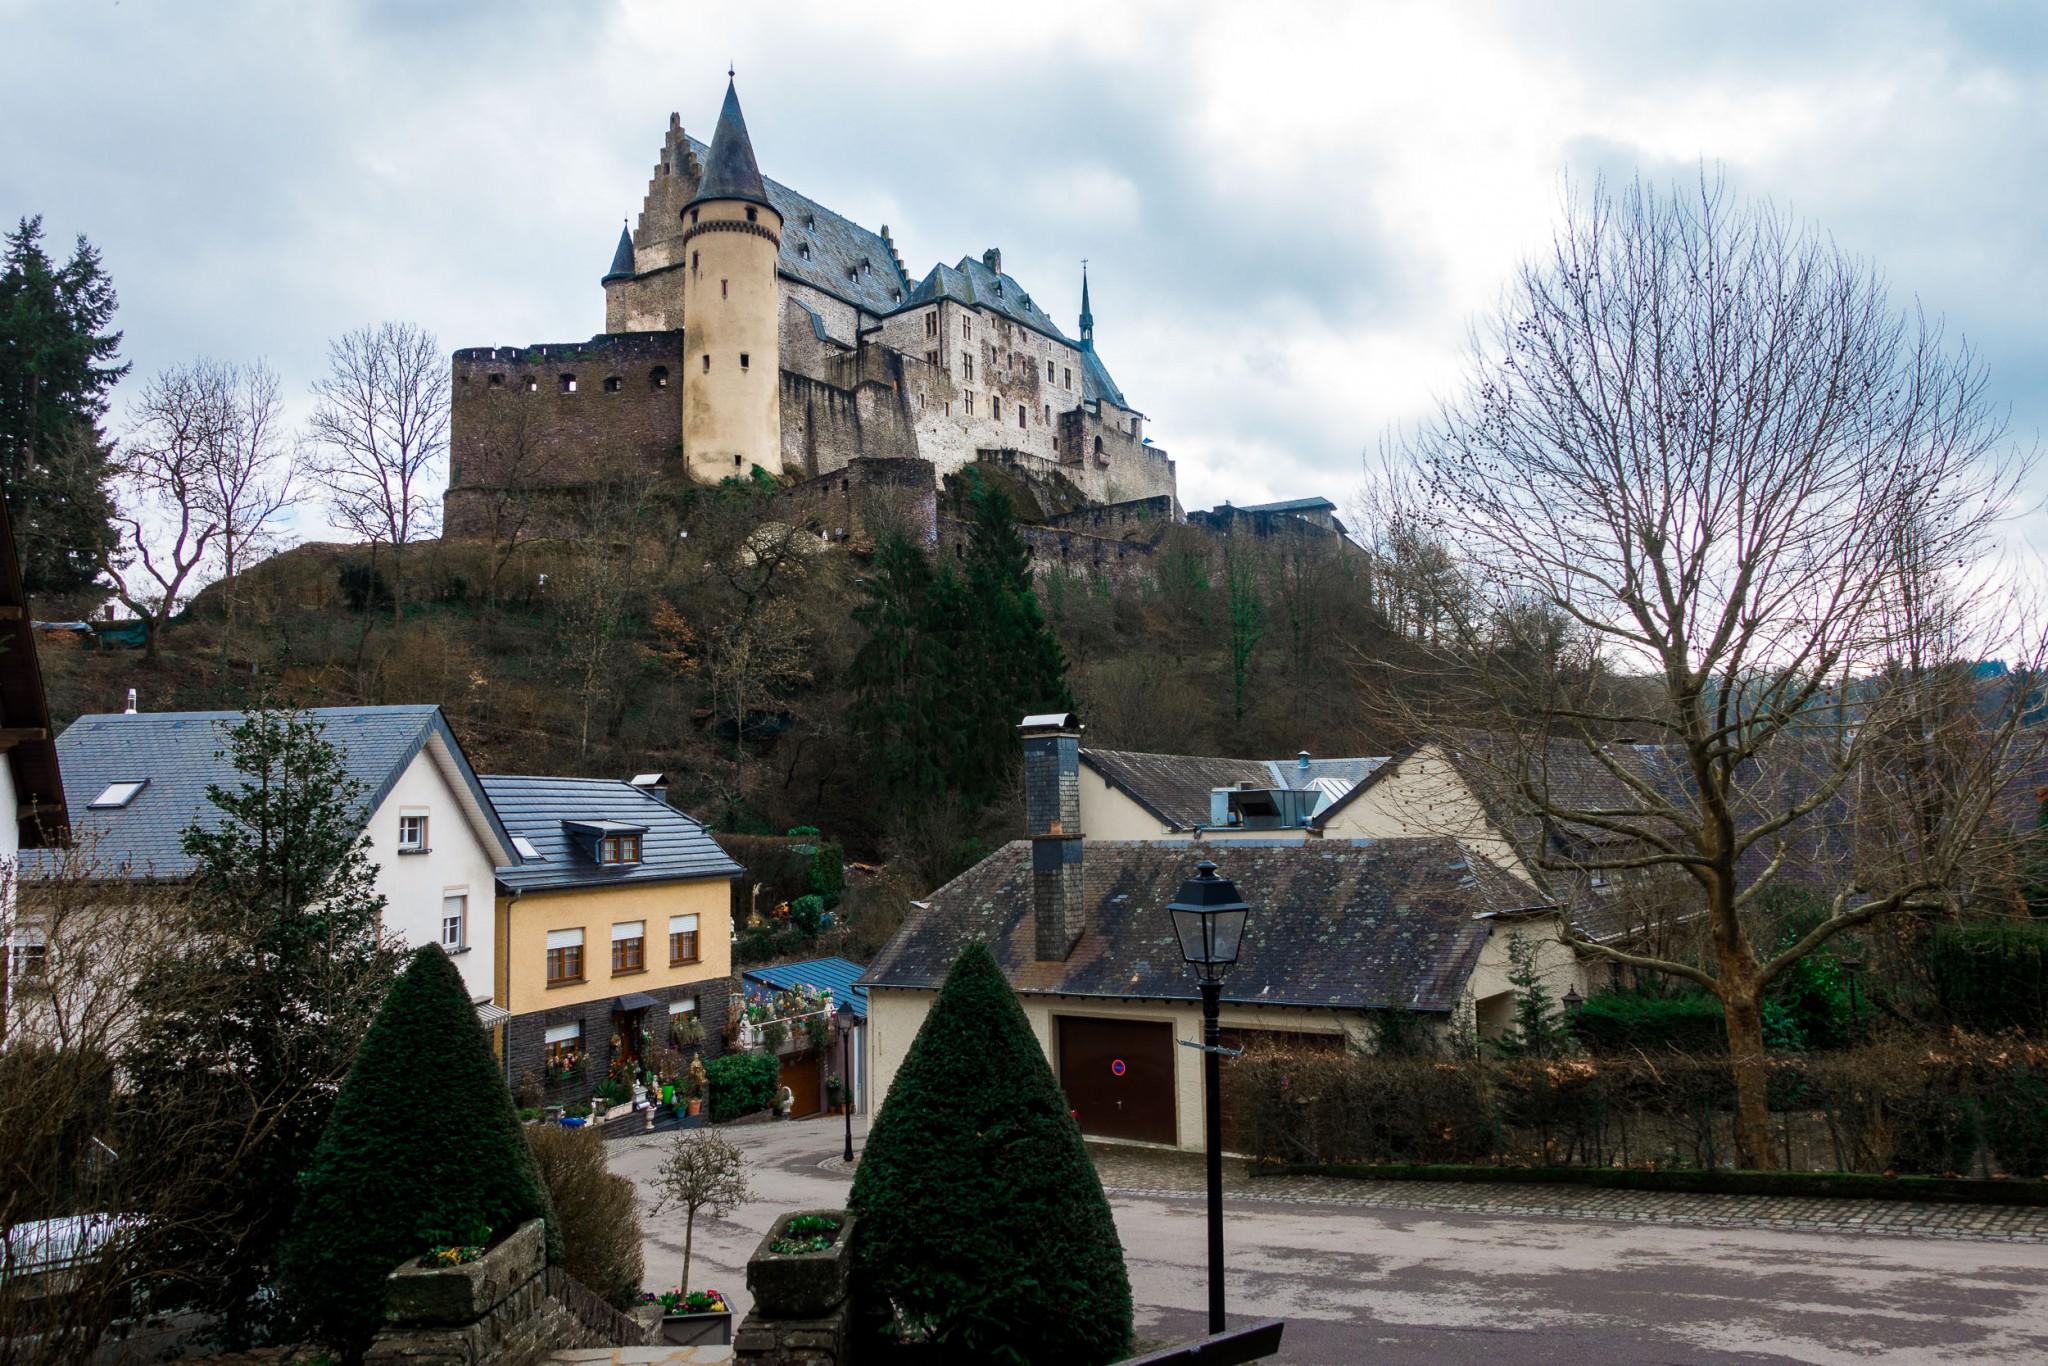 Ein letzter Blick auf die Burg Vianden in Luxemburg